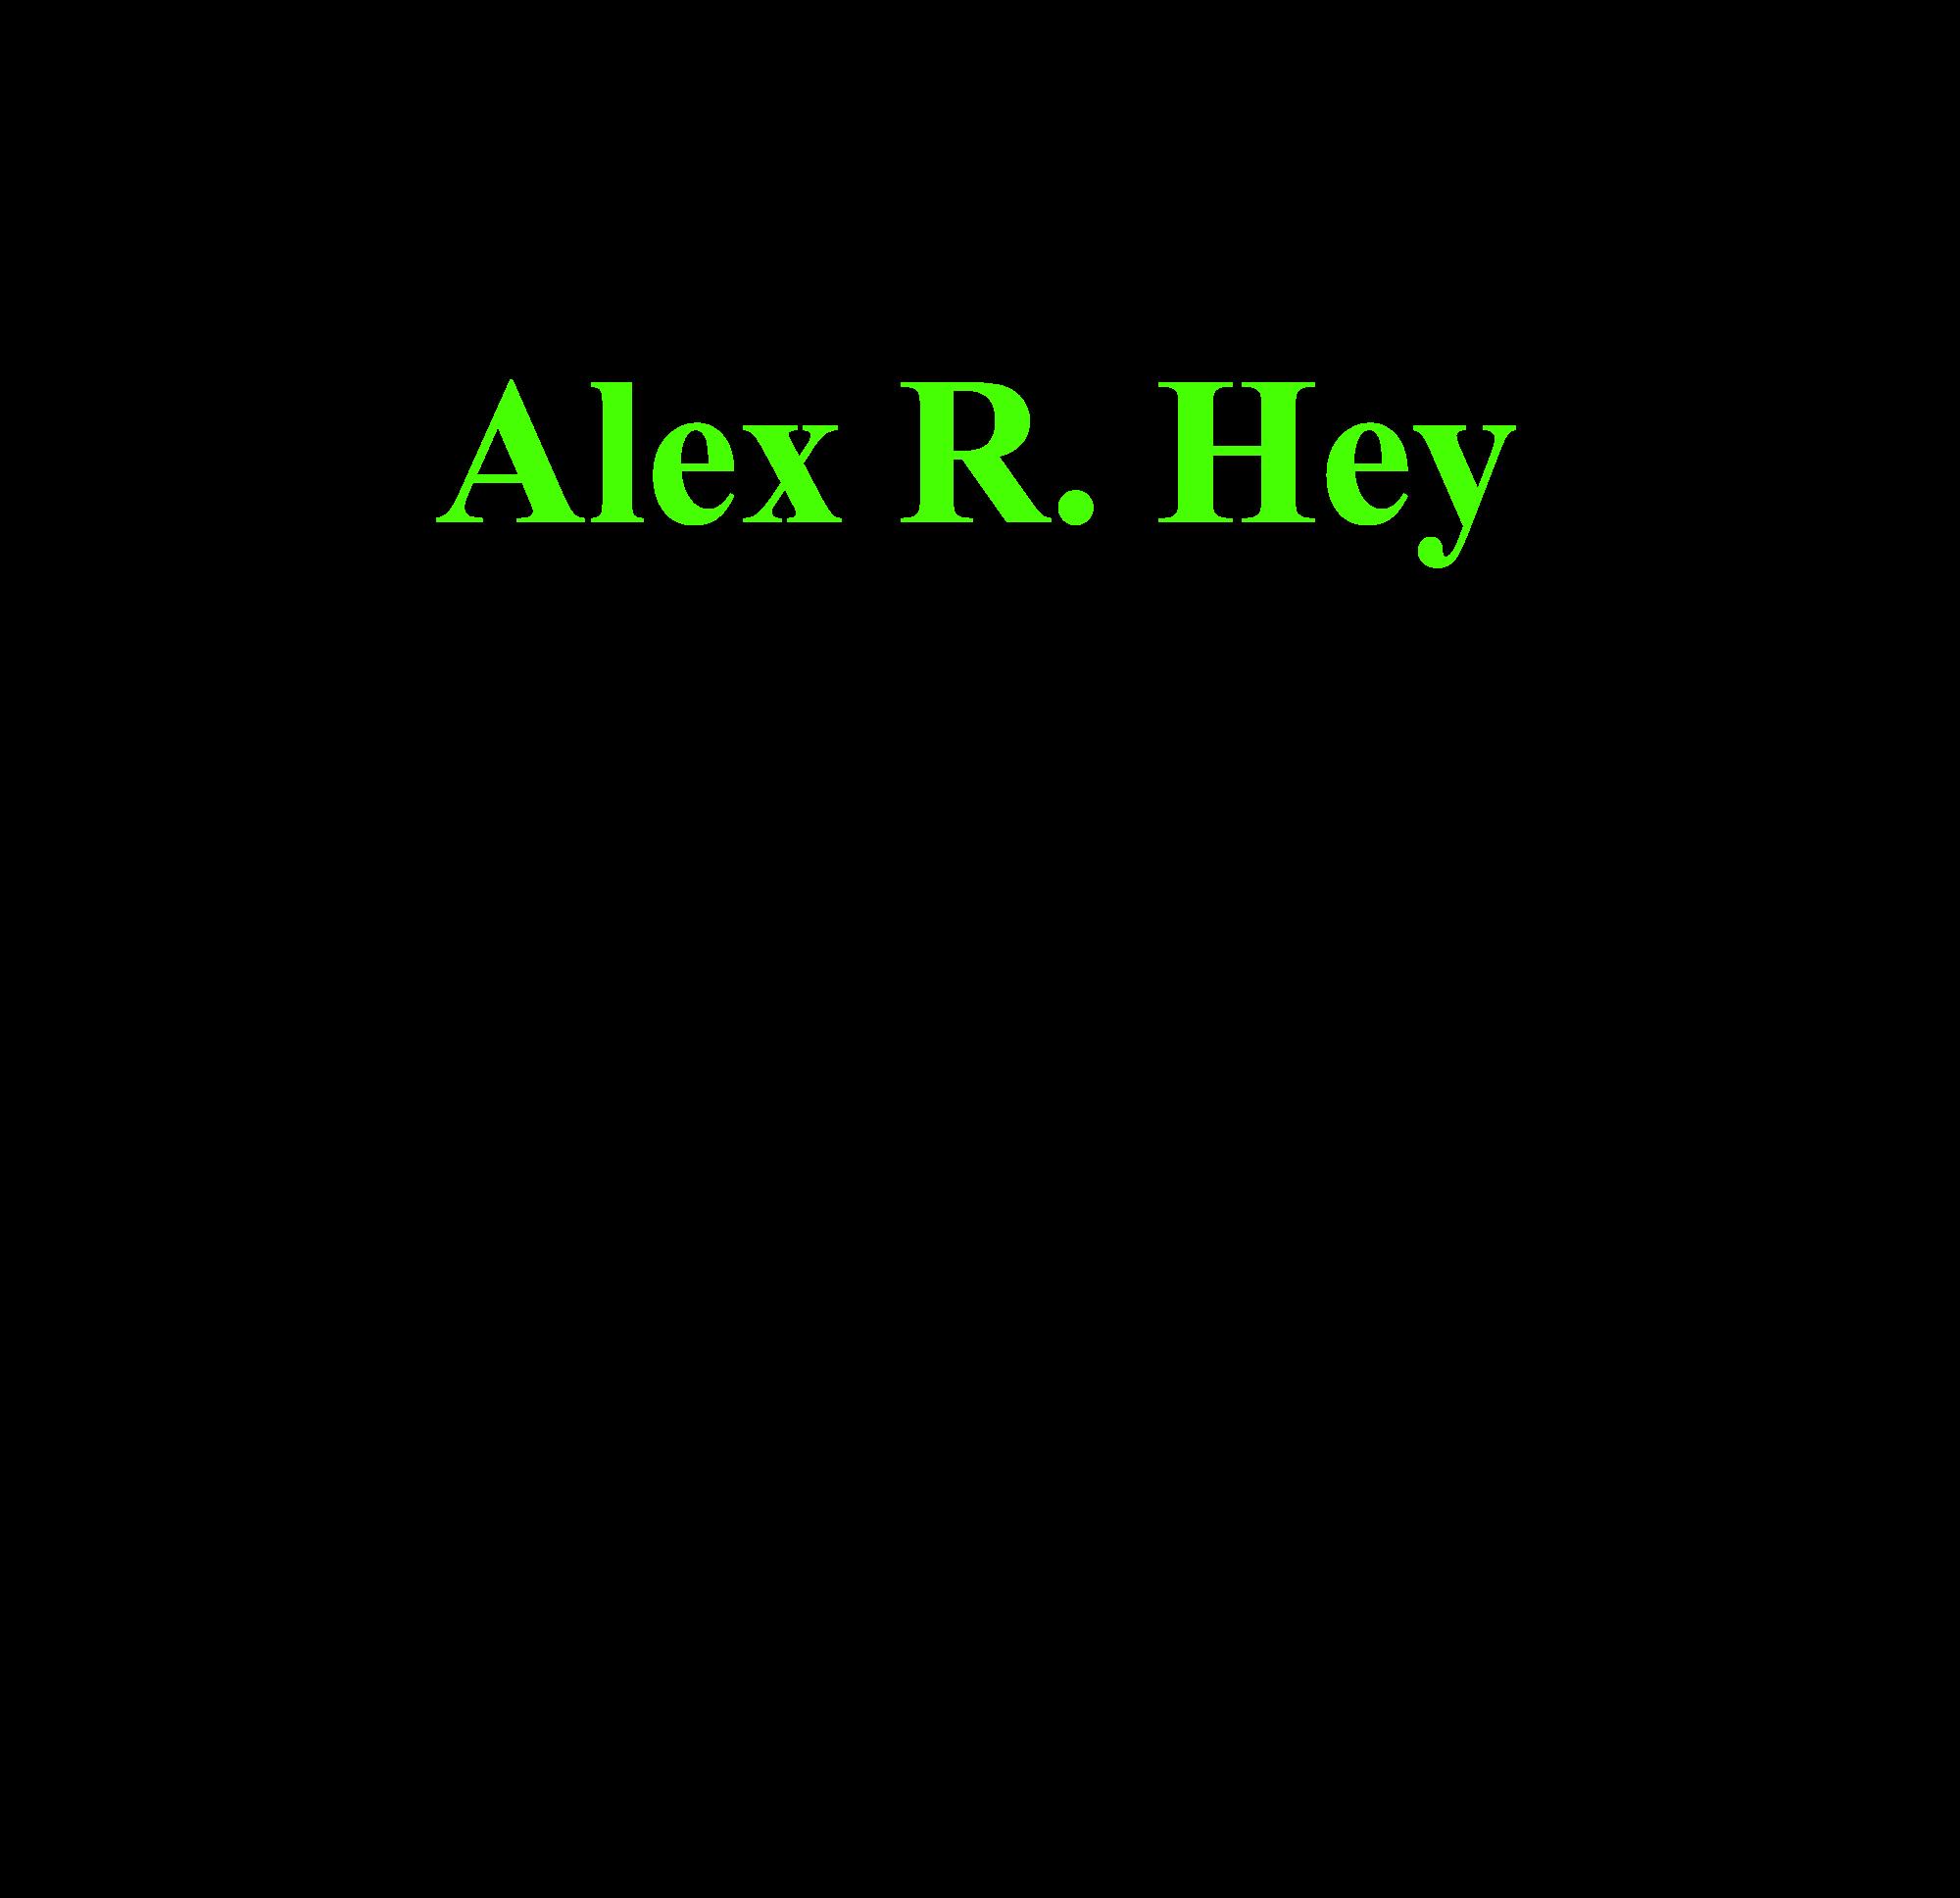 alex r hey